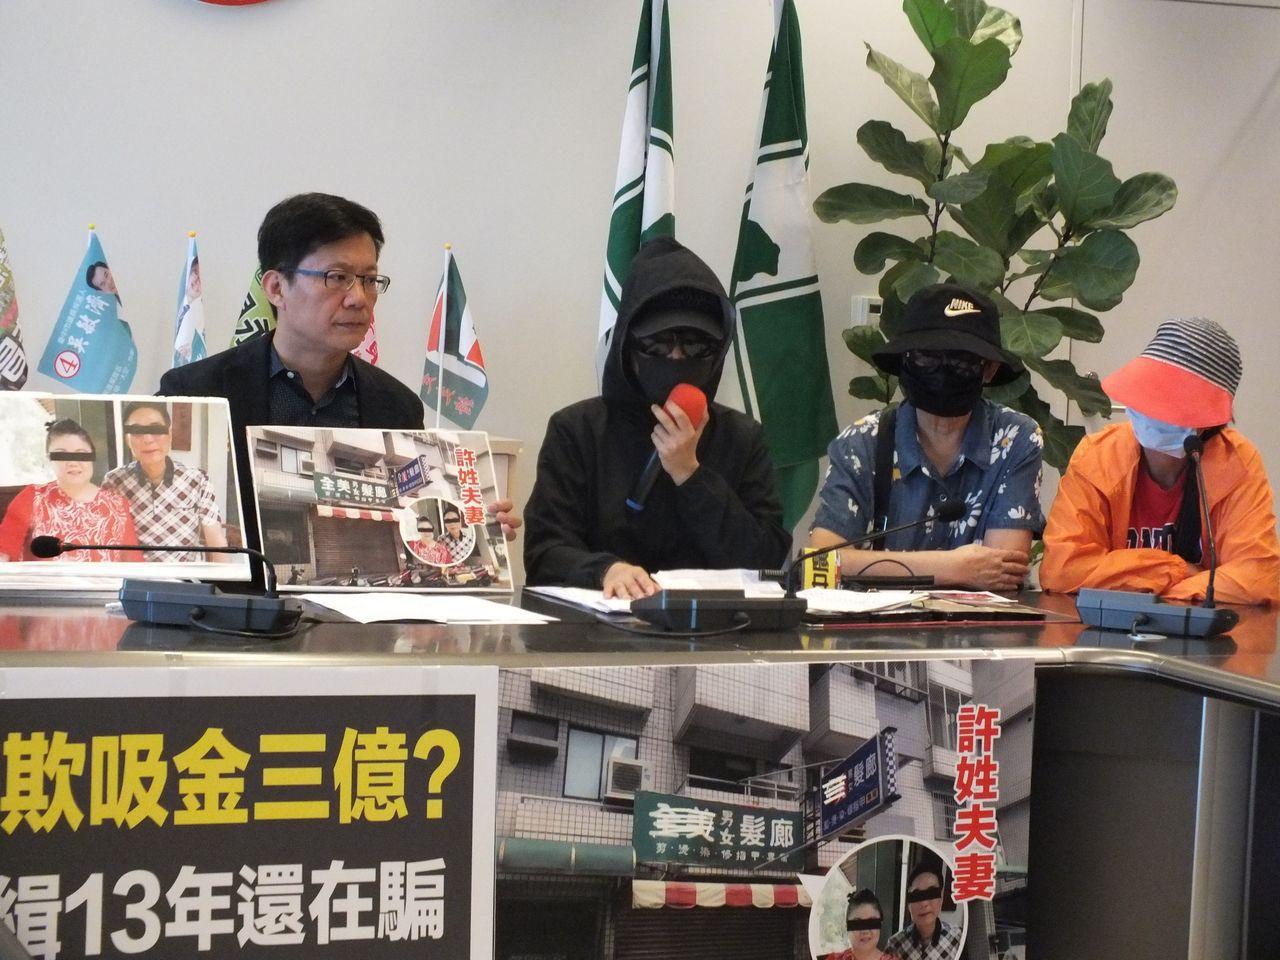 立委張廖萬堅(左一)今天陪同近20名詐騙受害者自救會成員,指控60多歲許姓婦人1...